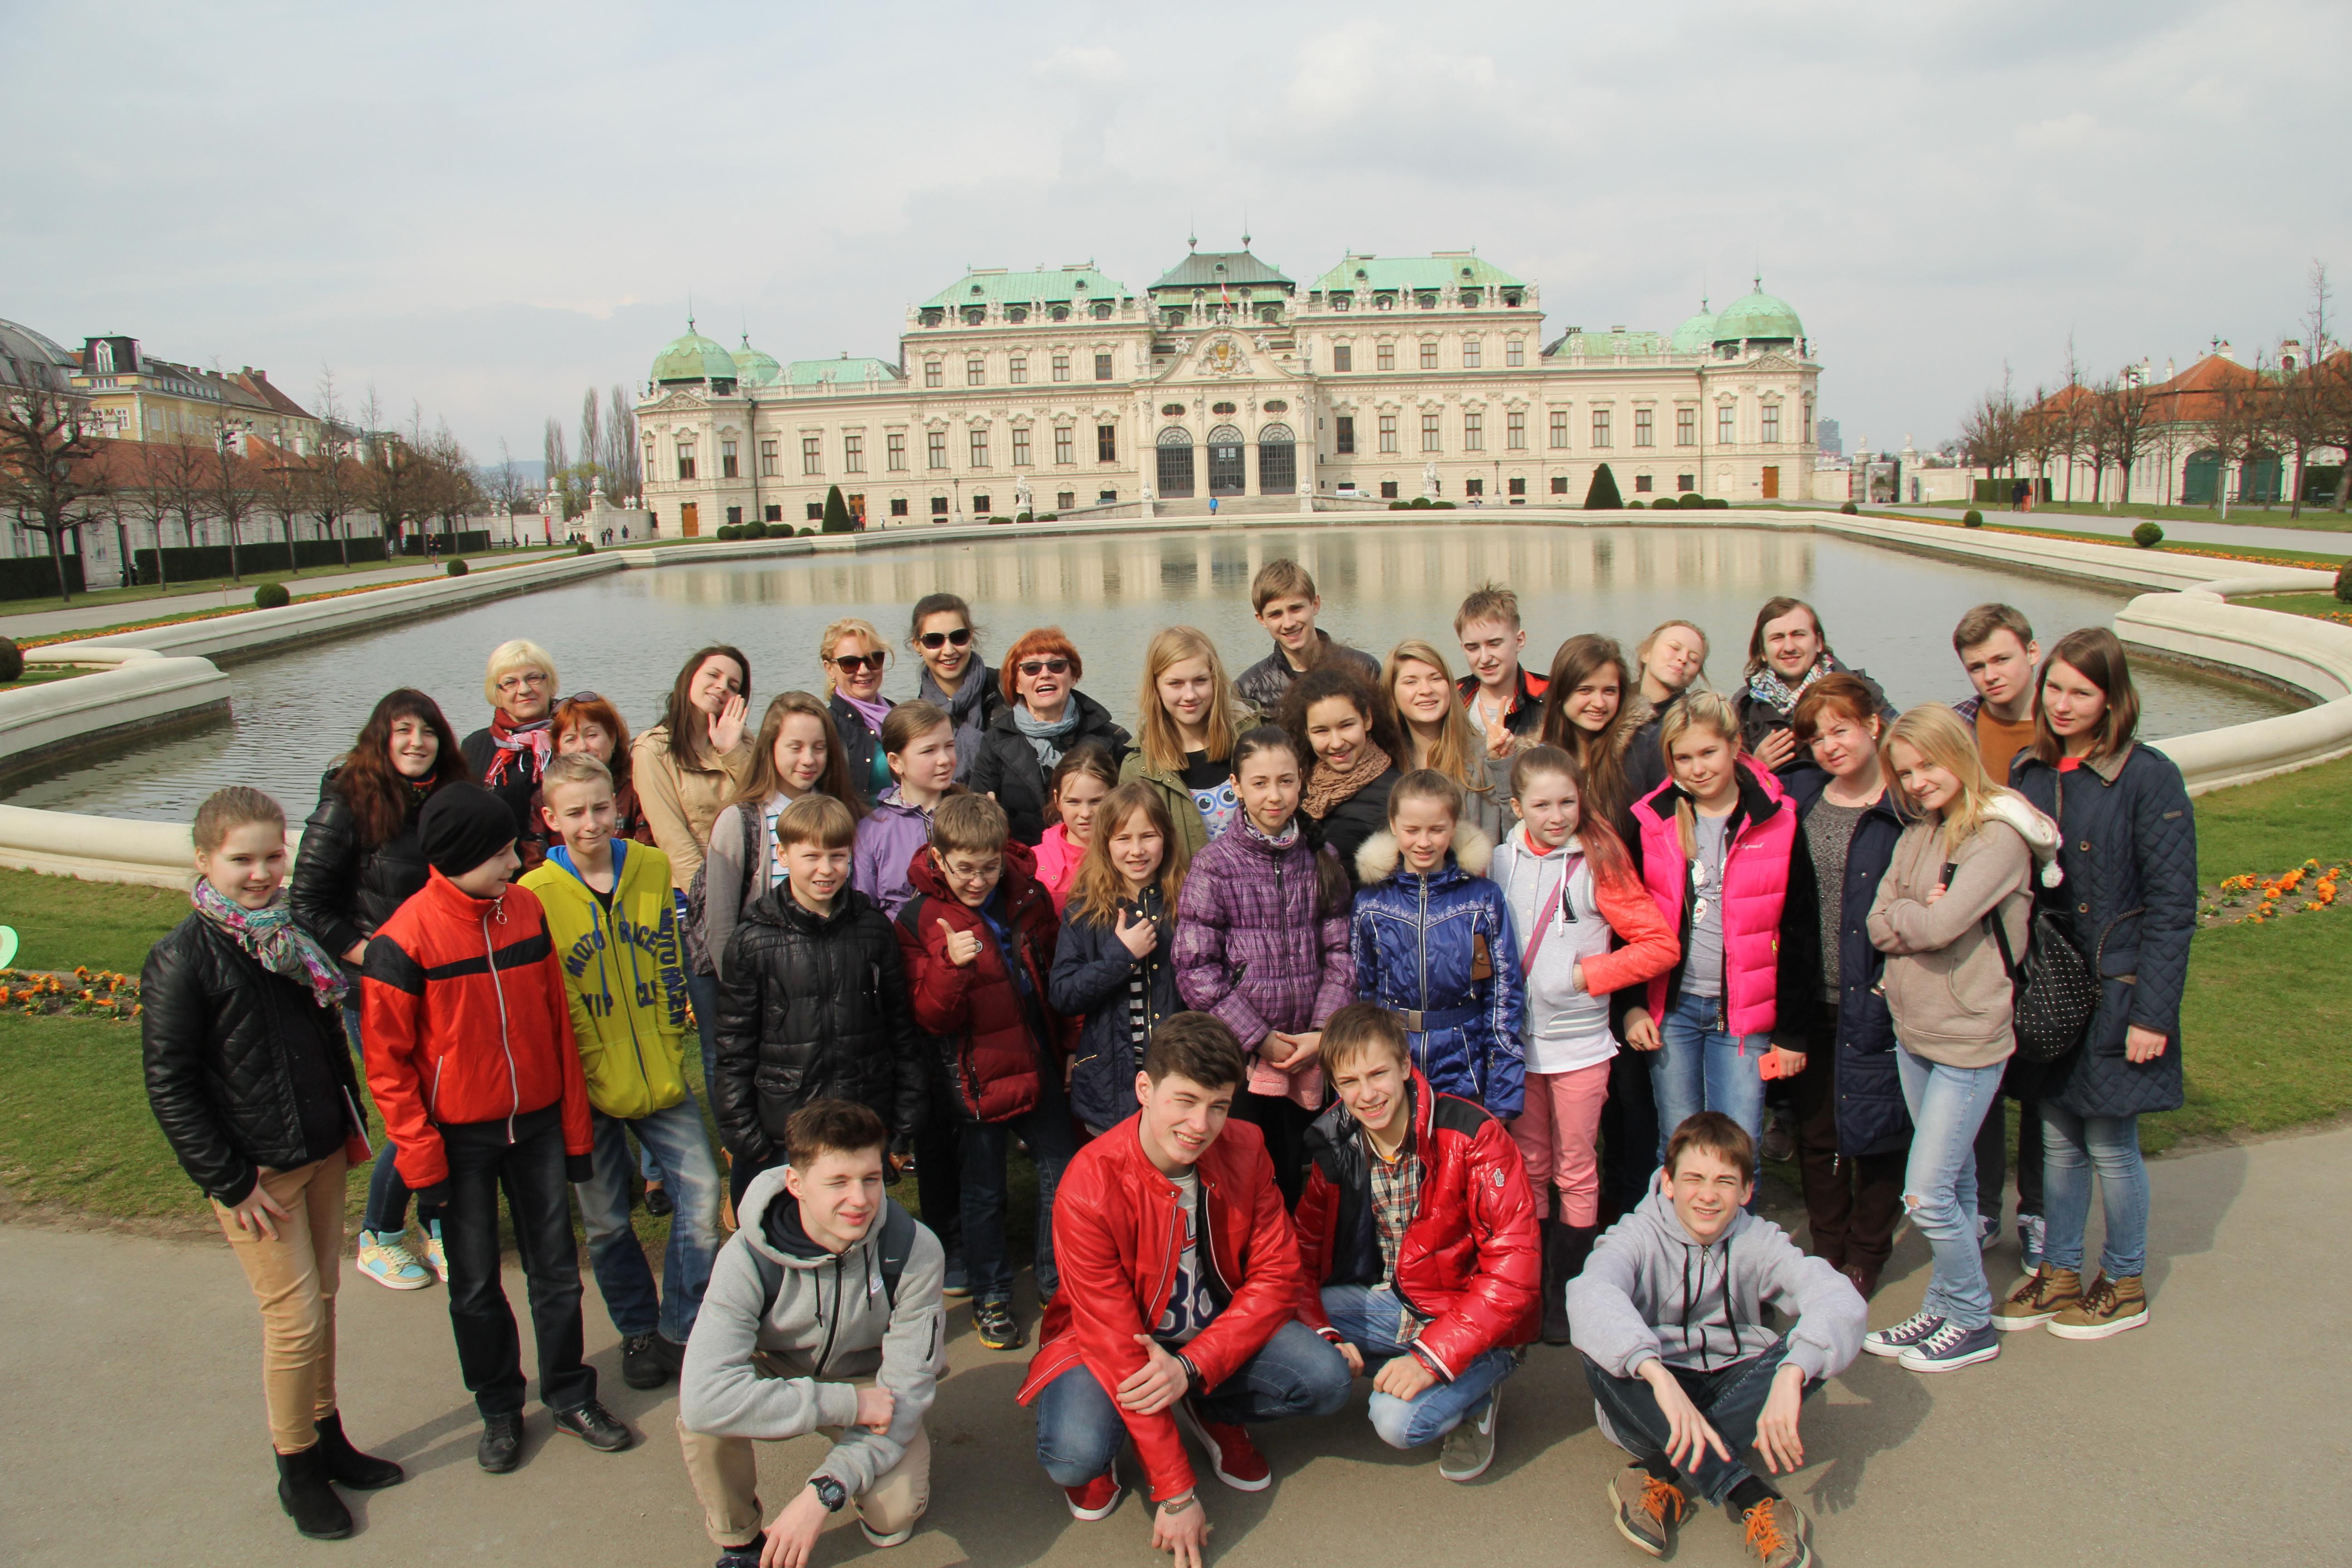 Вологодские актеры из ТМА покорили жюри фестиваля в Вене